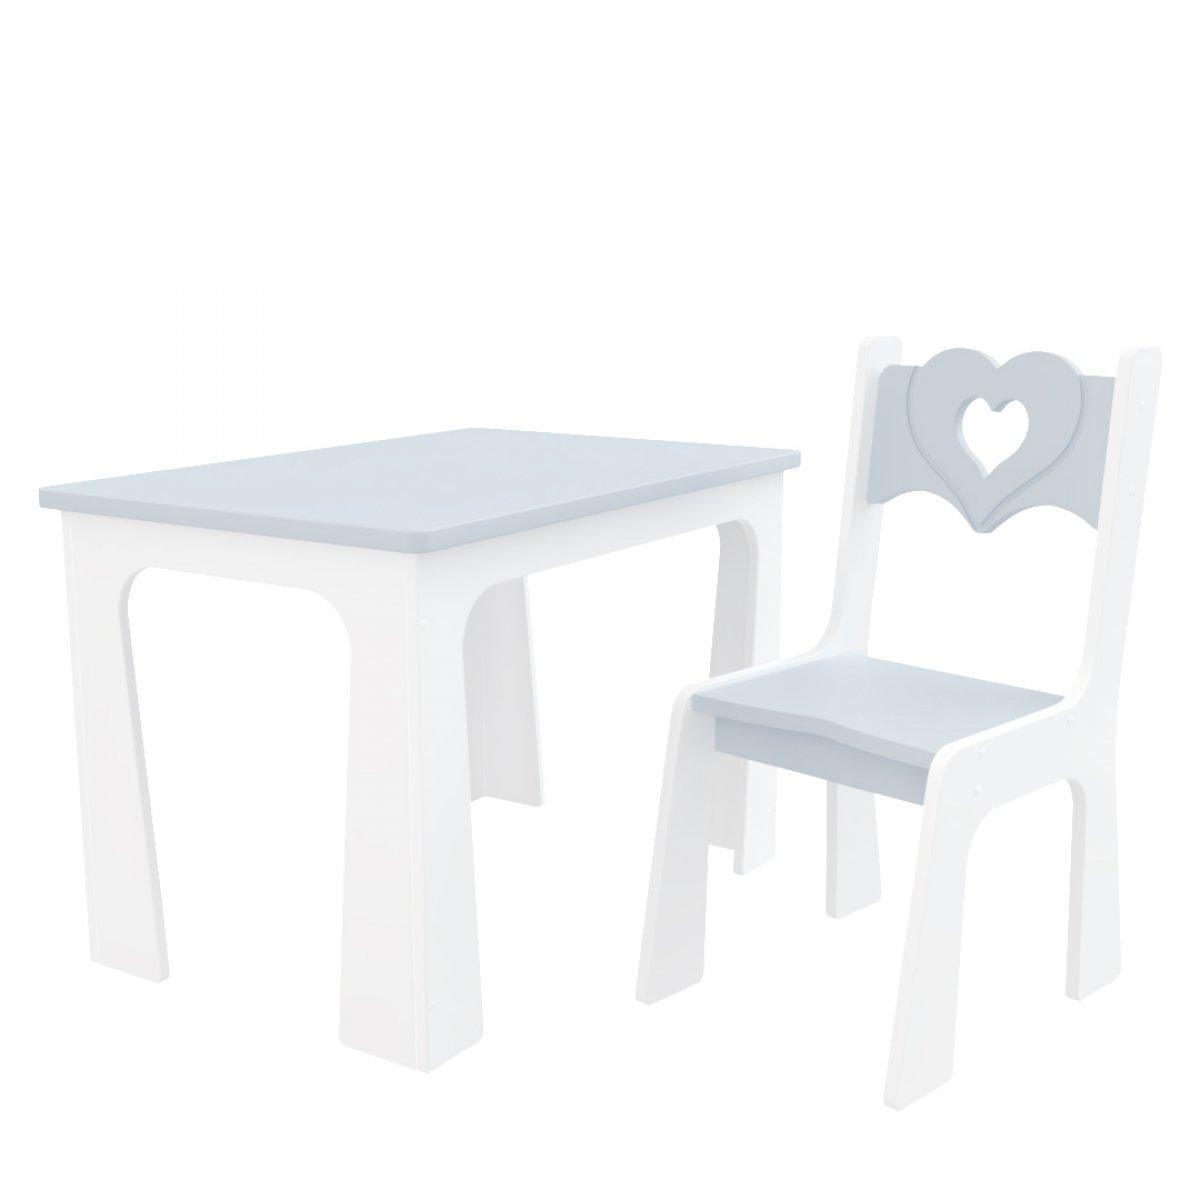 Stůl a židle opěrka srdce šedo bílá